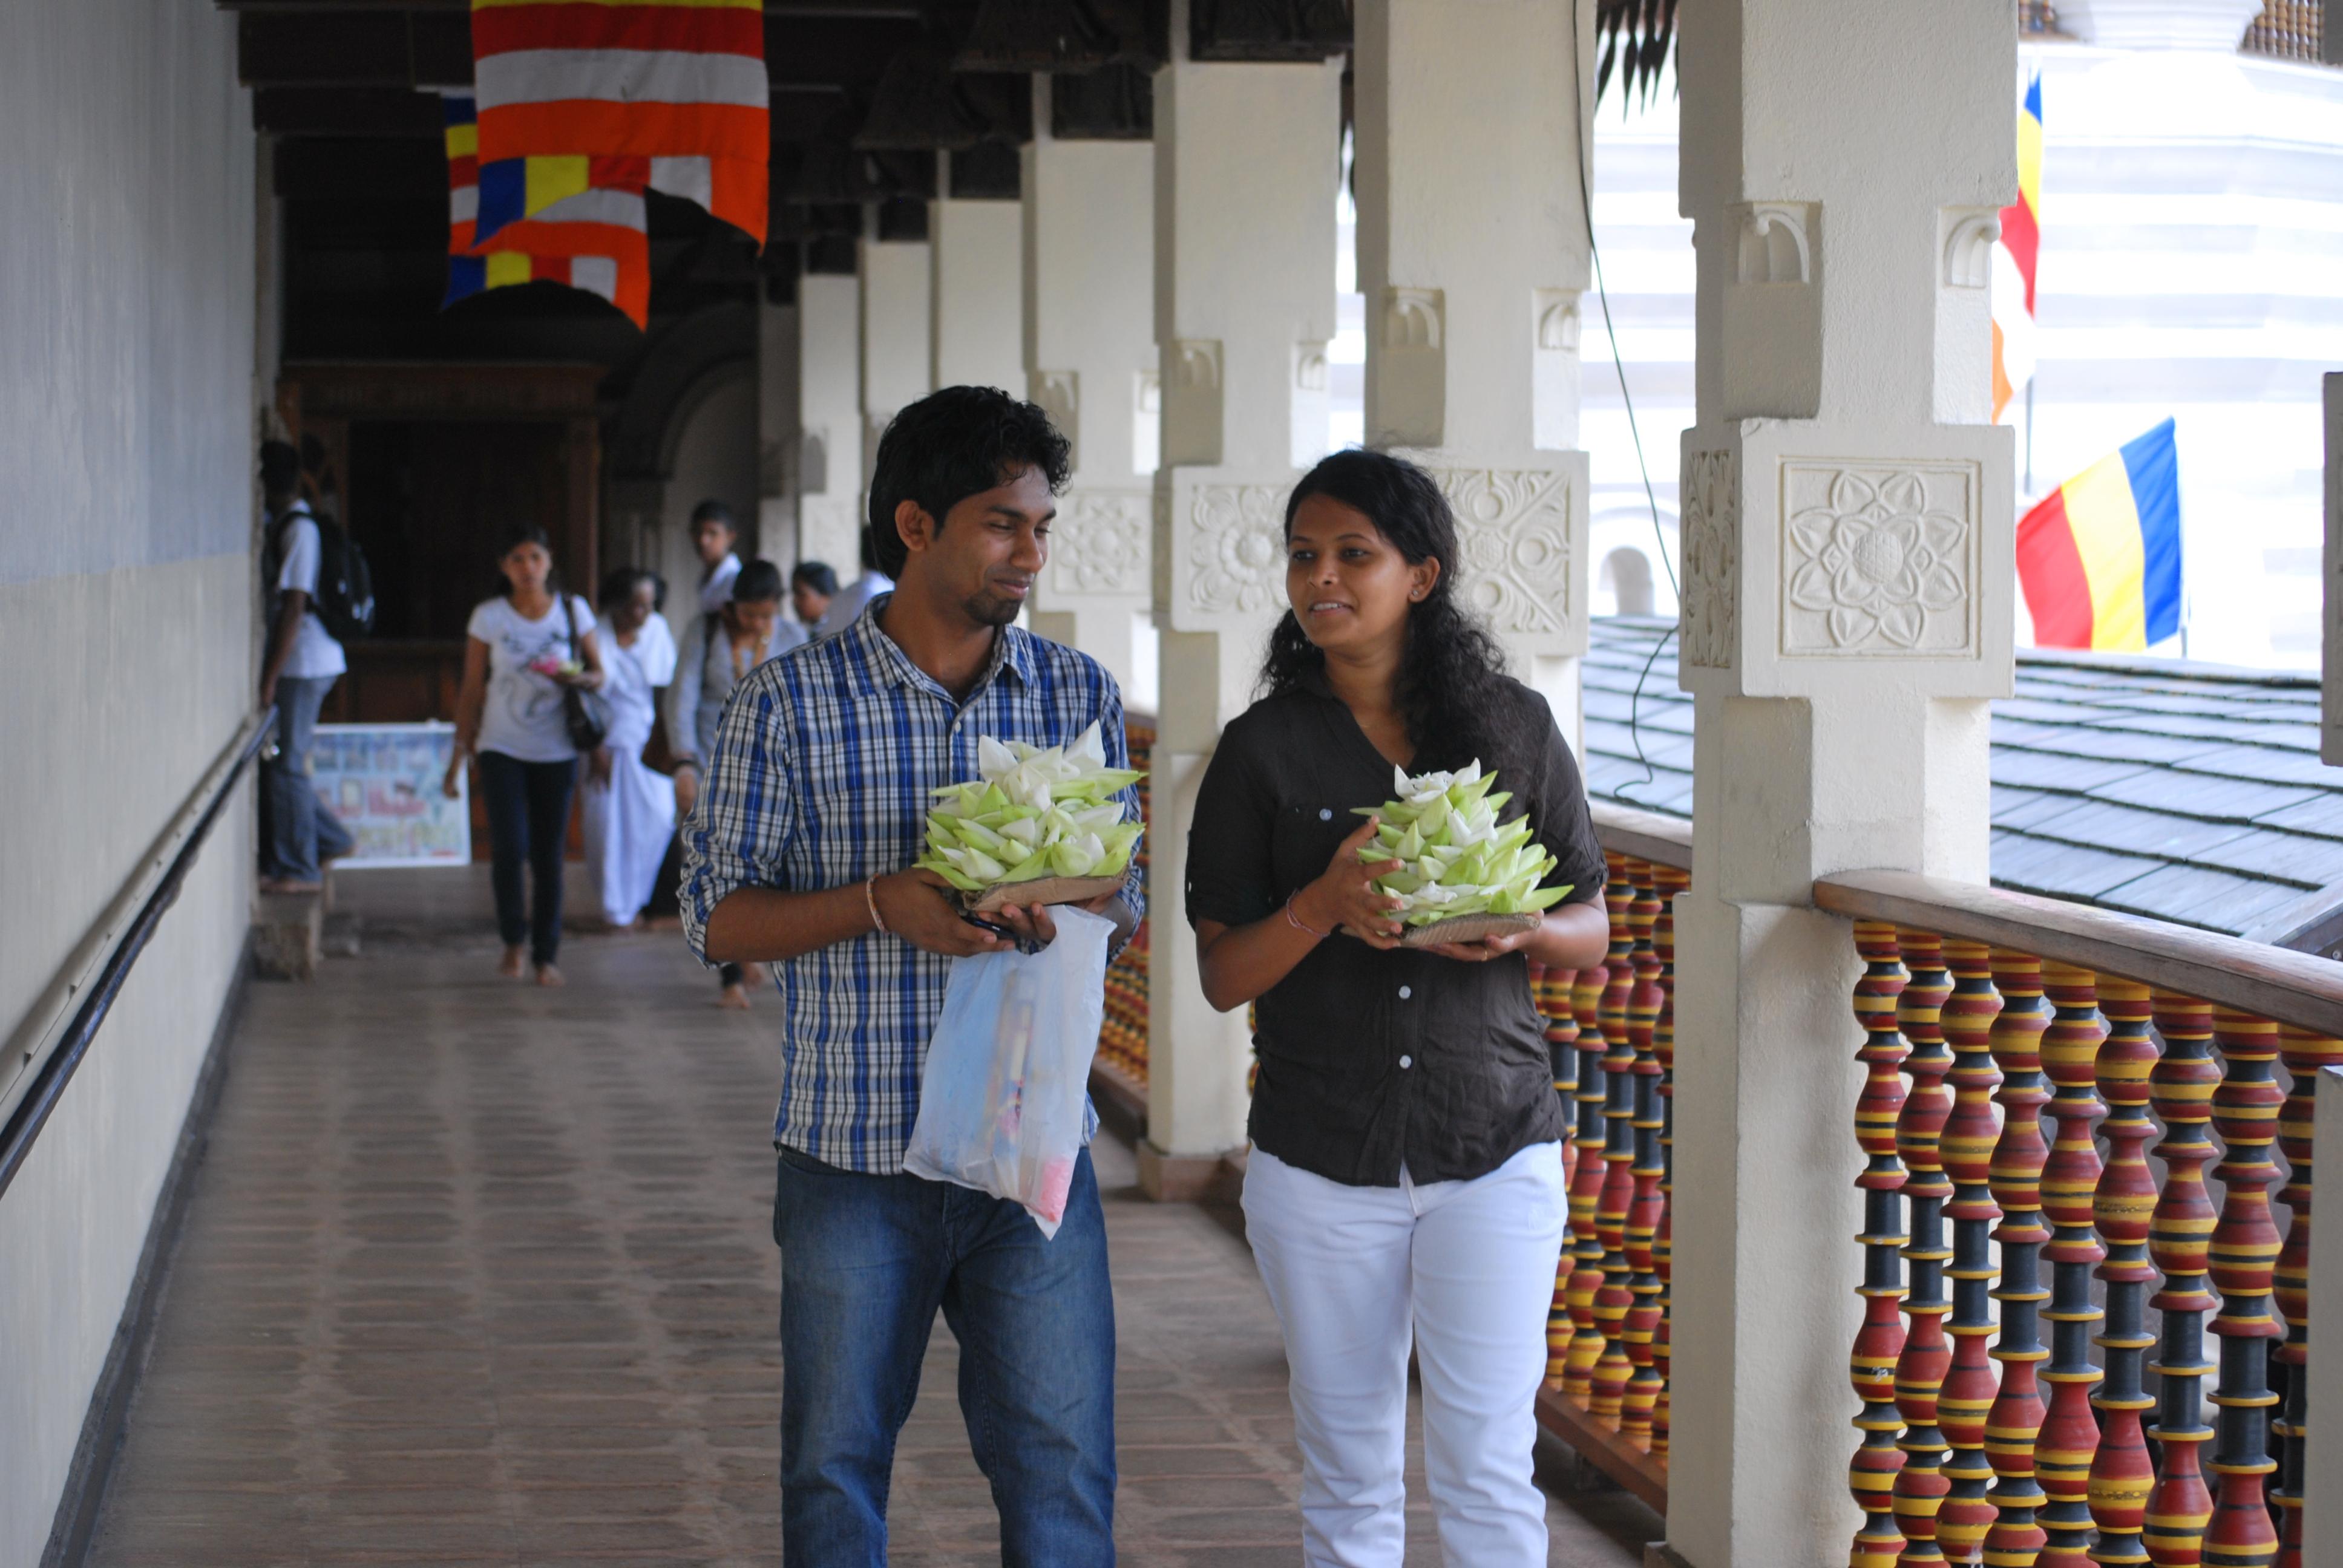 Buddhista hívek lótuszvirággal Kandyben, a fog templomában